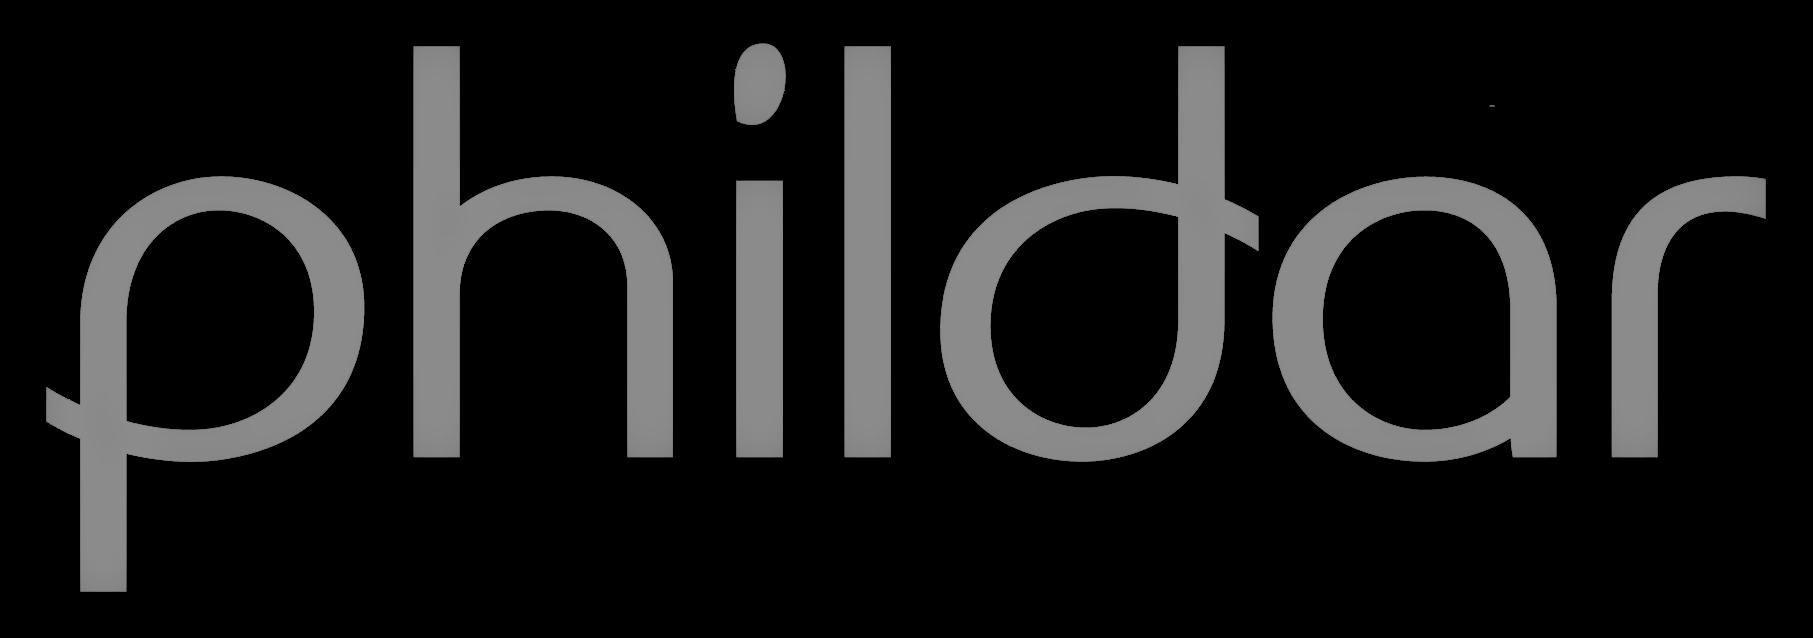 Phildar-enseigne-partenaire-du-Connected-Day (2)